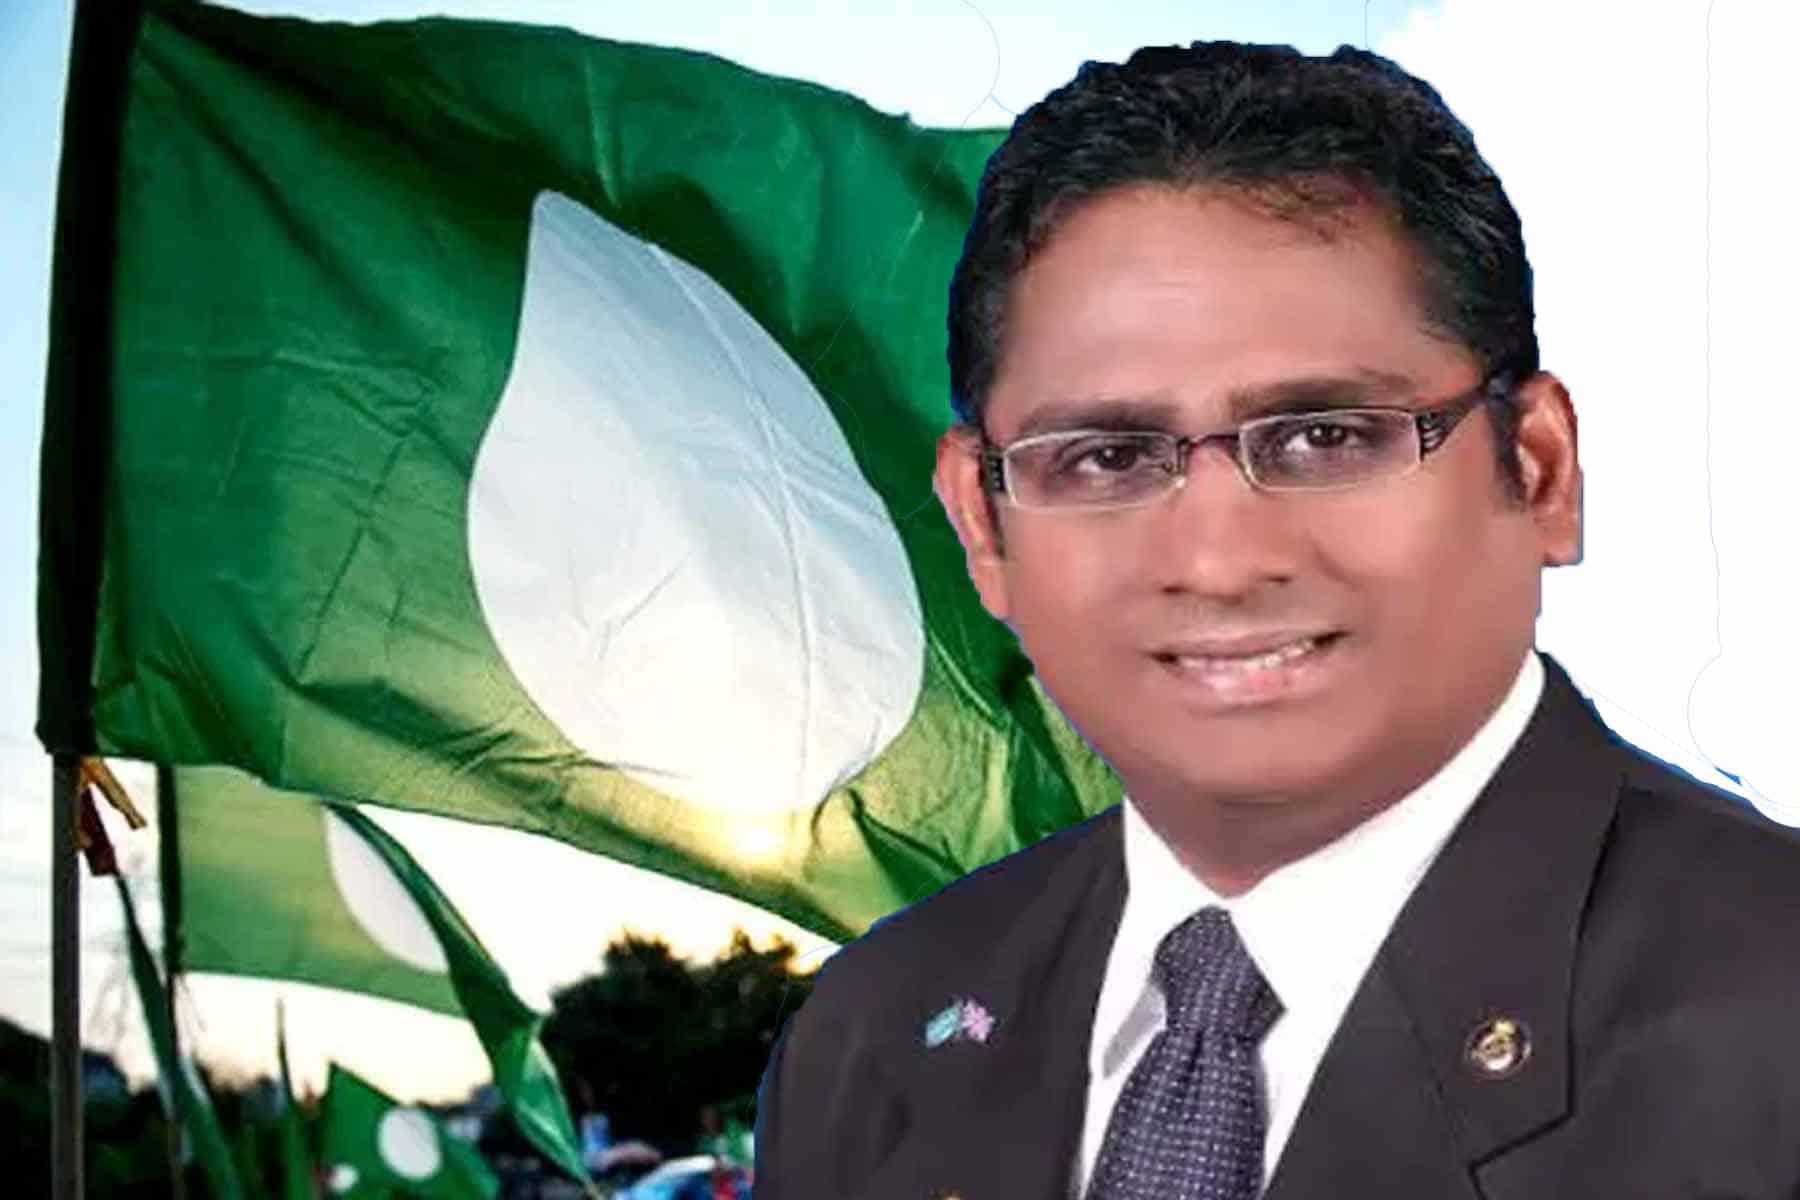 Pemimpin Dewan Himpunan Penyokong Pas letak jawatan, lepas keahlian